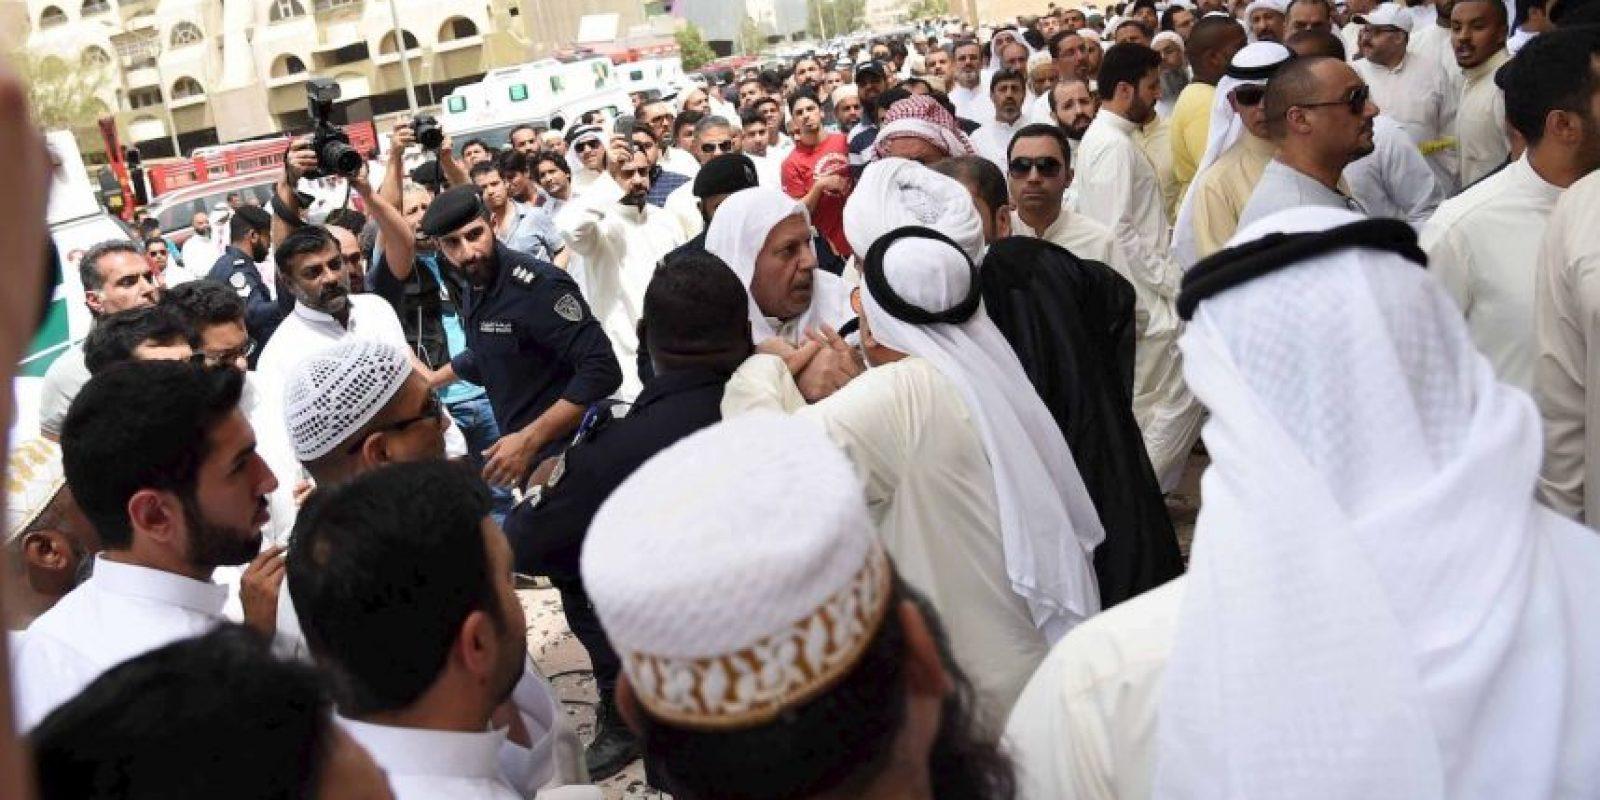 ISIS se adjudicó responsabilidad de lo que llamó un bombardeo suicida. Foto:AP